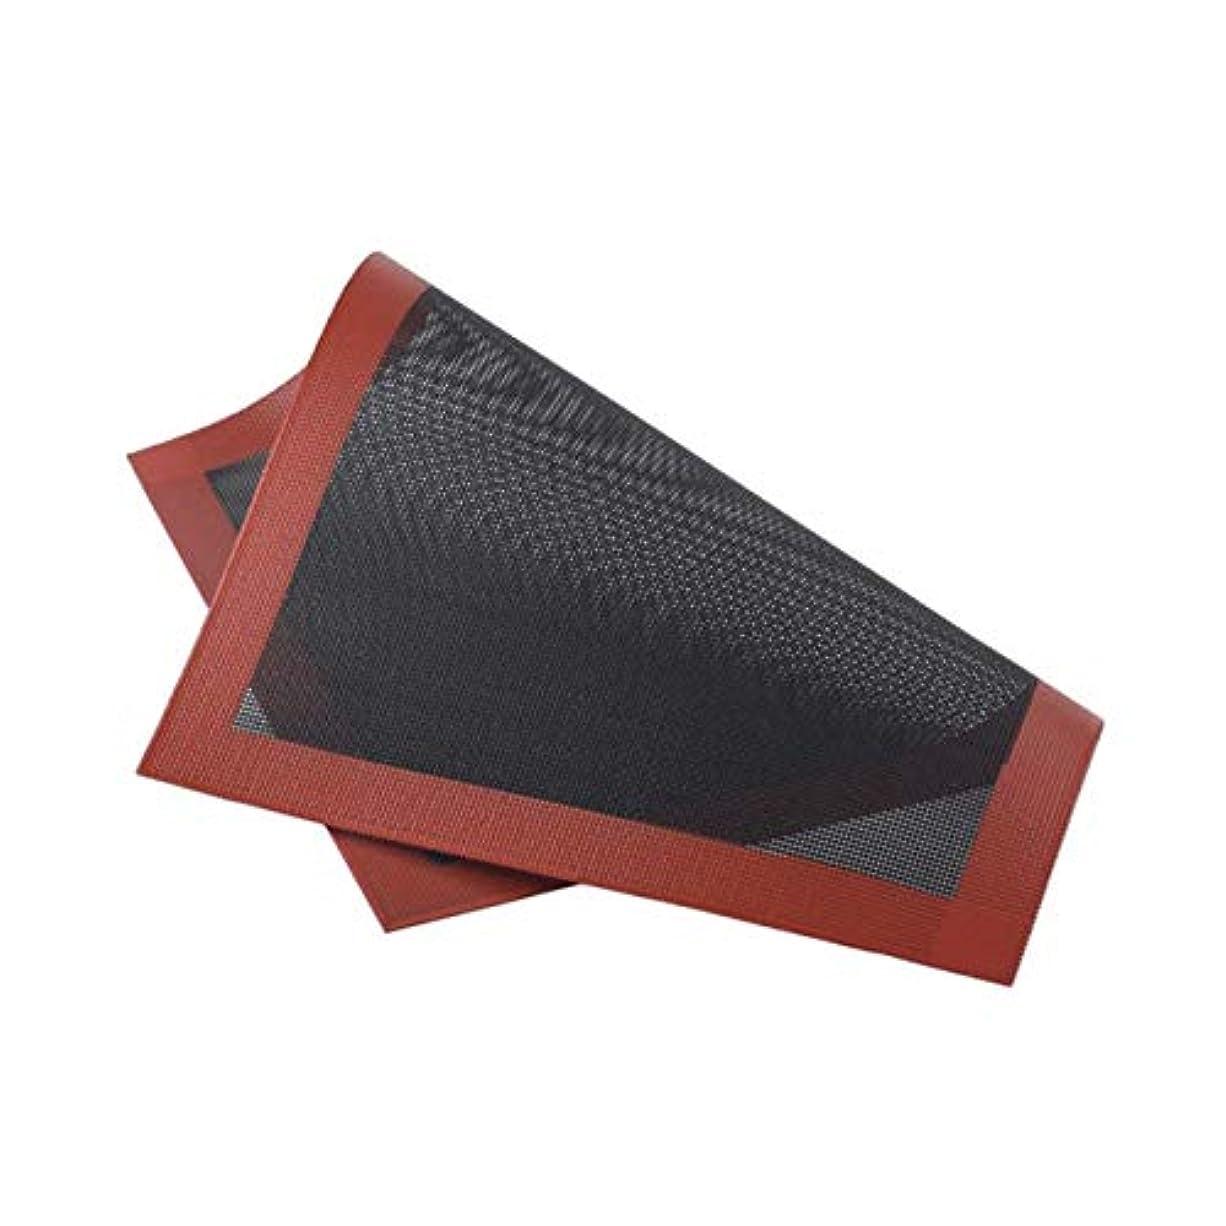 なめらかな特権的錆びSaikogoods クッキーパンビスケットのための実用的なデザインホームキッチンベーキングツールのシリコンベーキングマットノンスティックベーキングオーブンシートライナー 黒と赤 直角